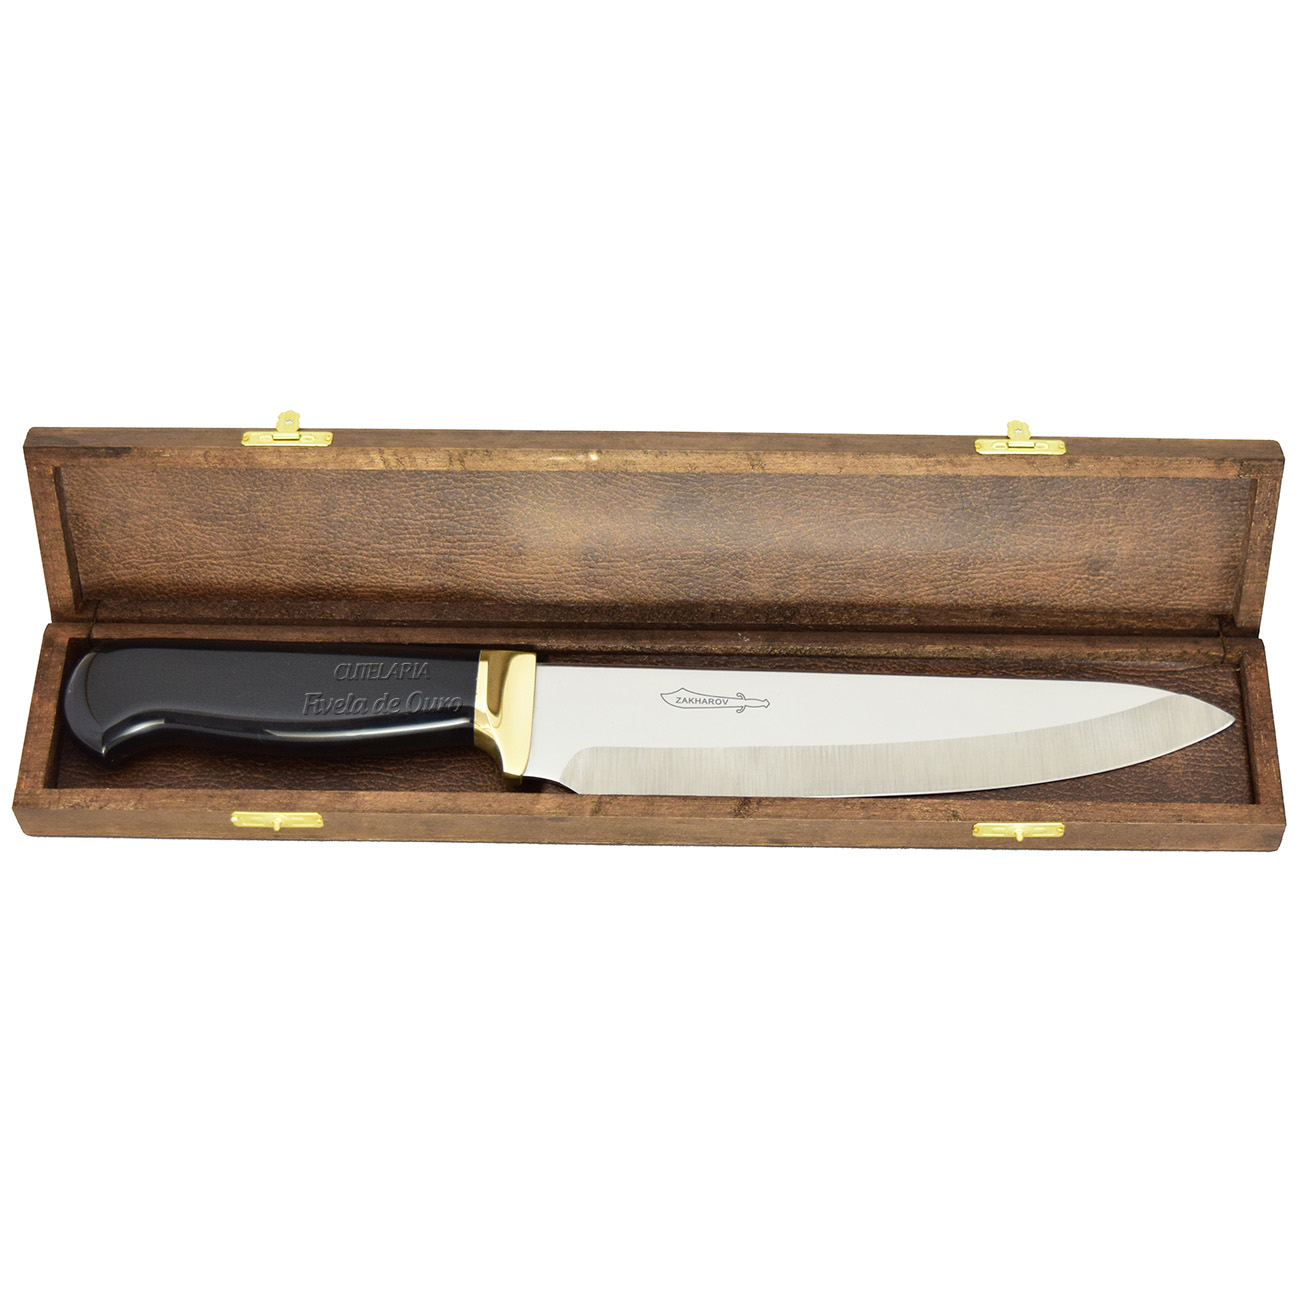 Faca Zakharov Chef Tradição acrílico preto  33 cm ZKIC21A